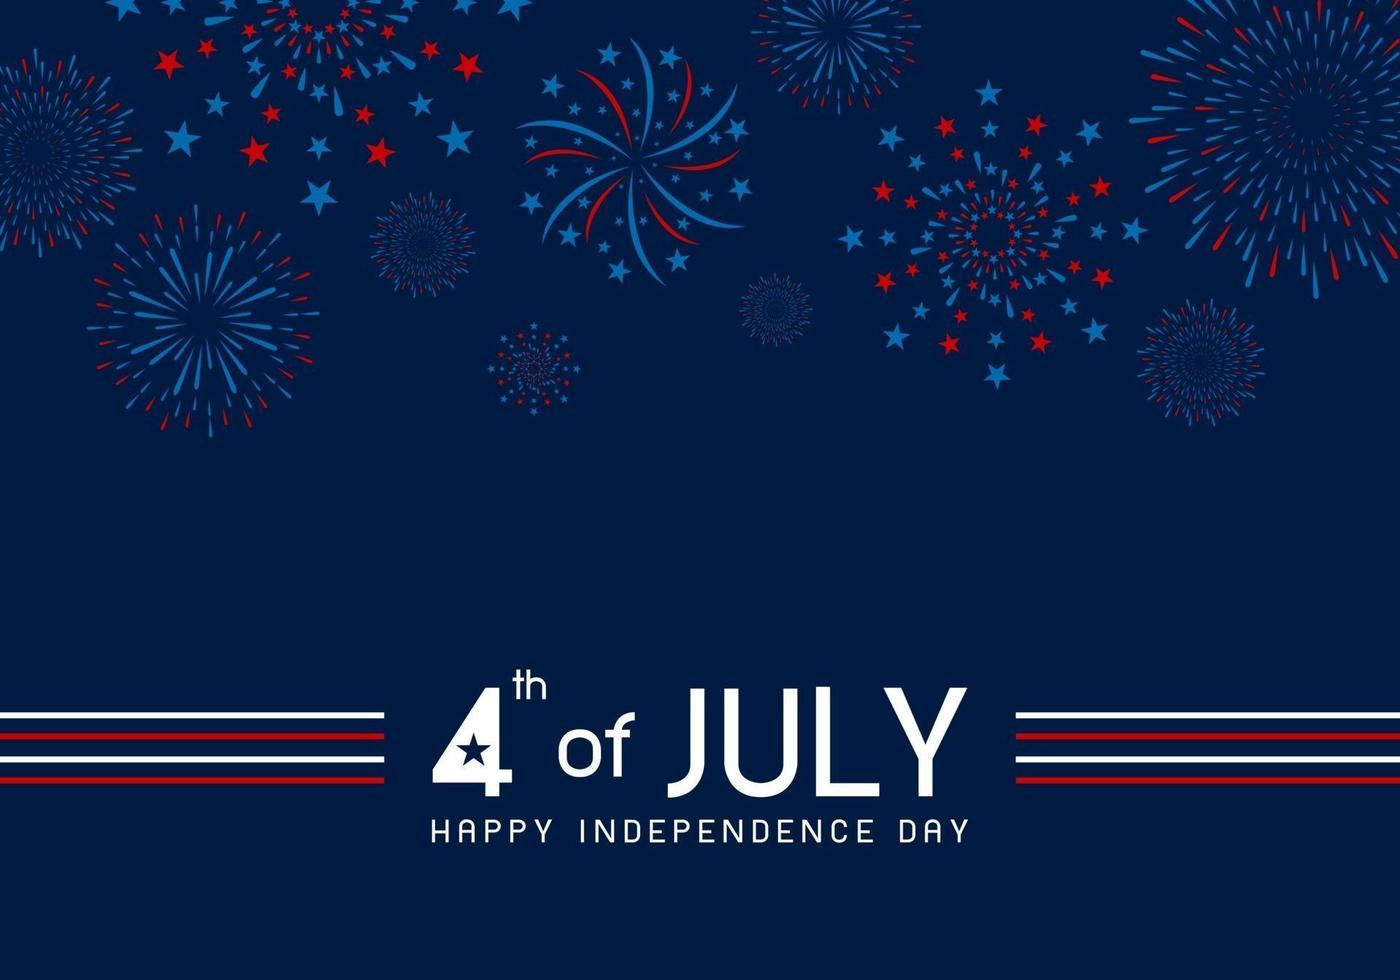 4 juli gelukkig onafhankelijkheidsdag ontwerp van vuurwerk op blauwe achtergrond vectorillustratie vector